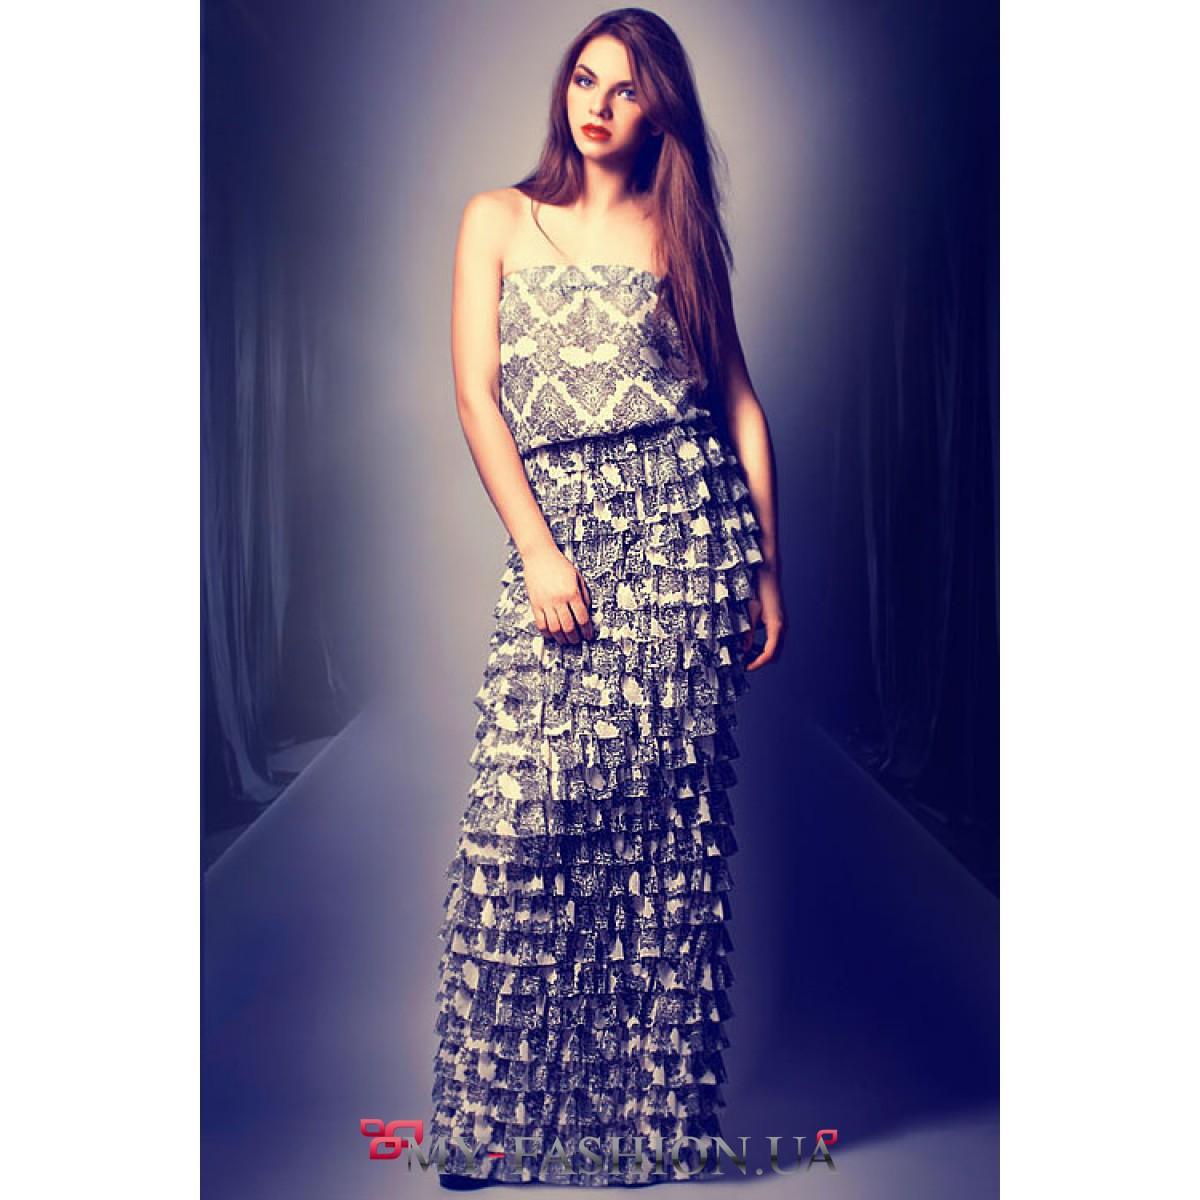 Tago женская одежда интернет магазин